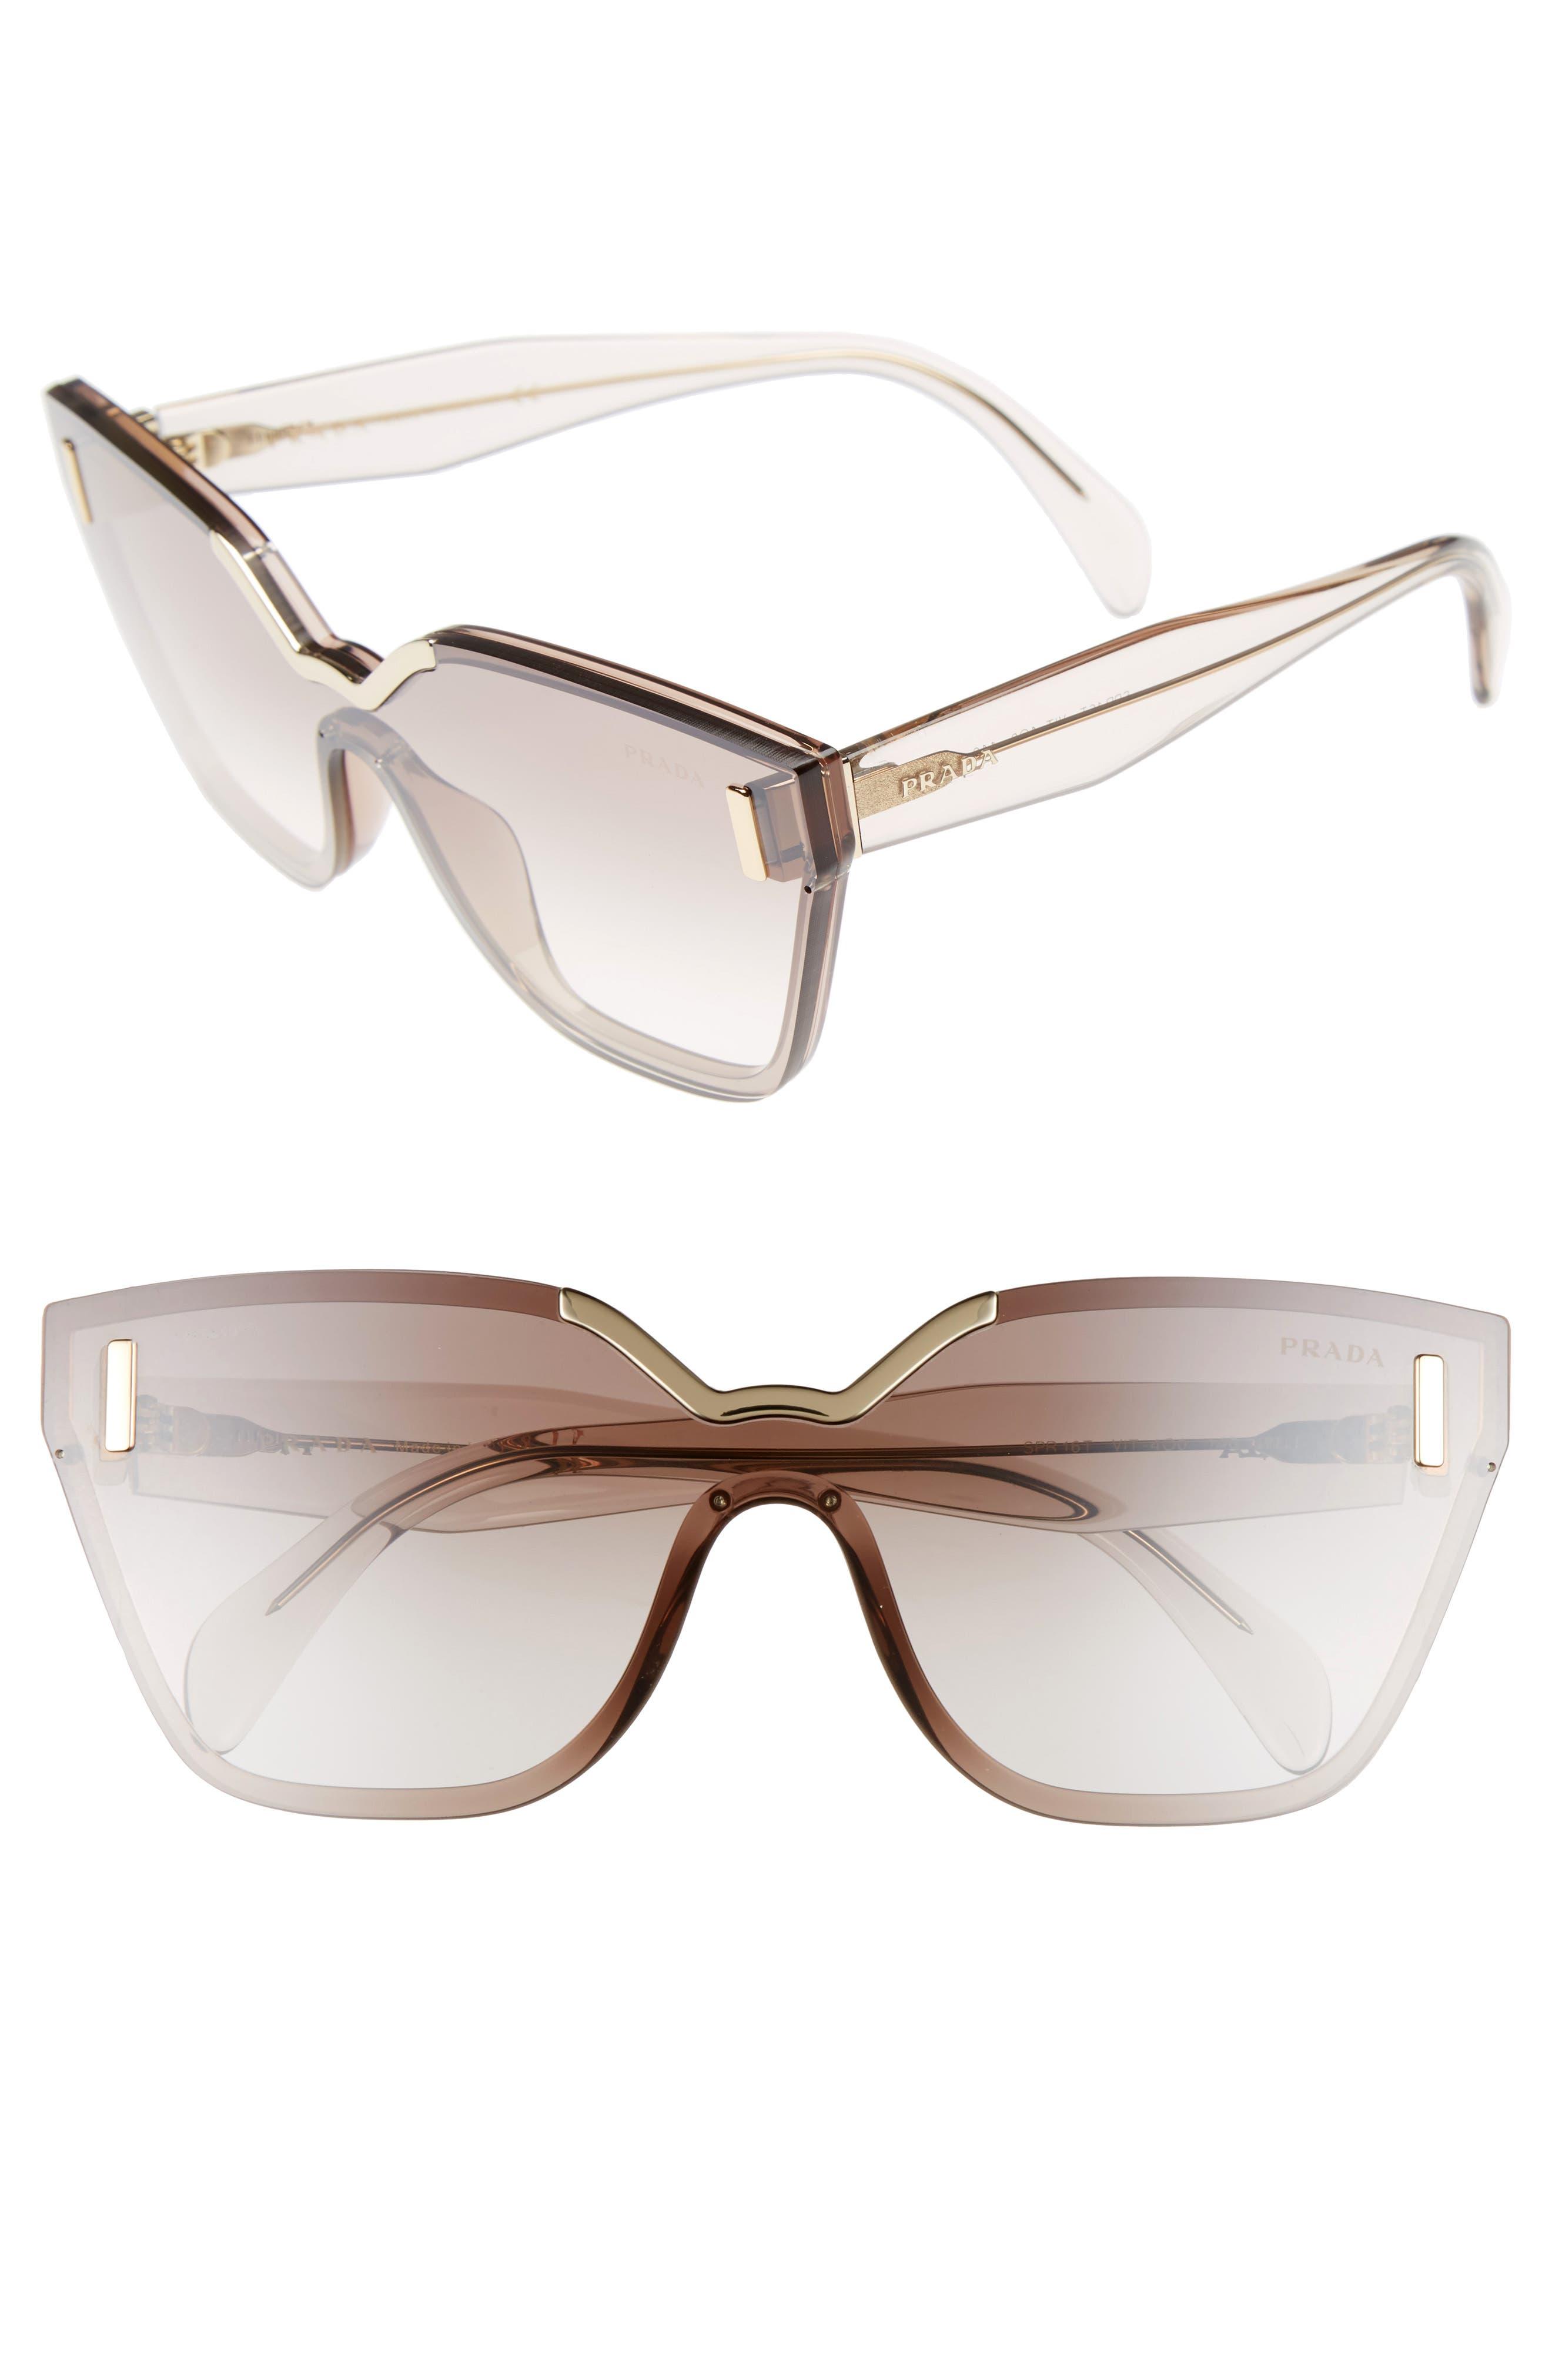 61mm Mirrored Shield Sunglasses,                         Main,                         color, 200